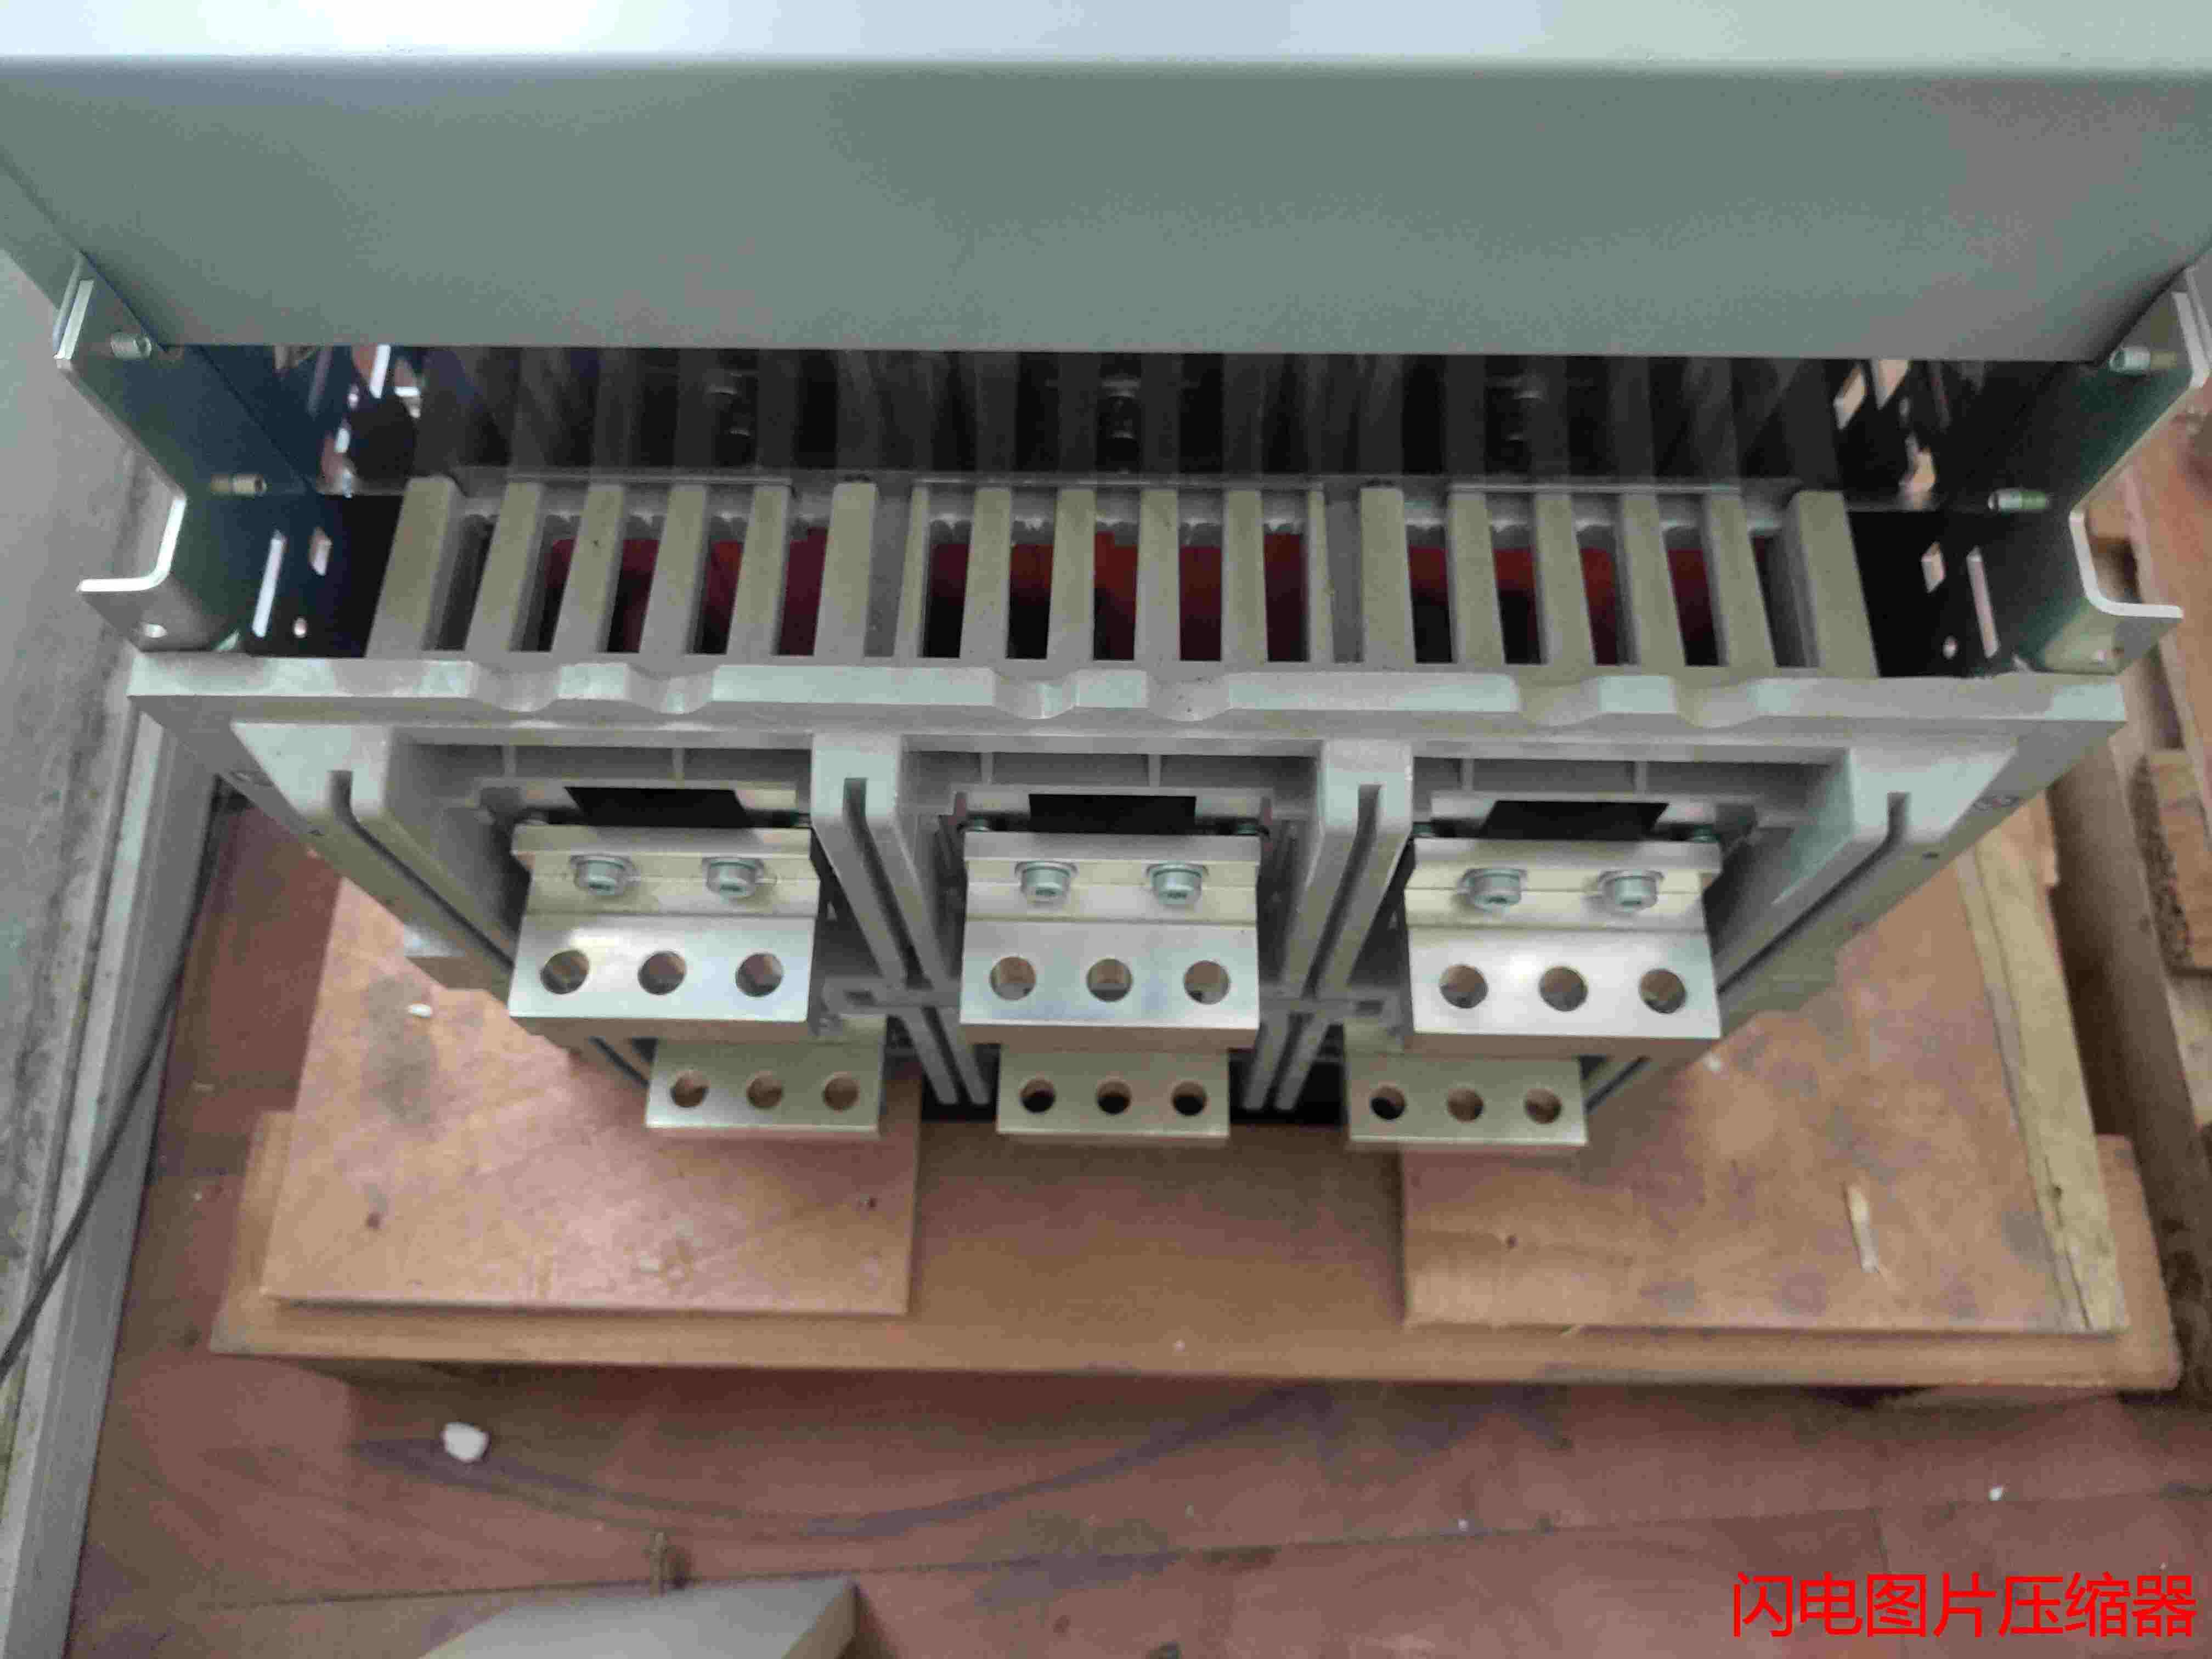 代理销售施耐德MT12 H2 3P F MIC 2.0A 1250A断路器